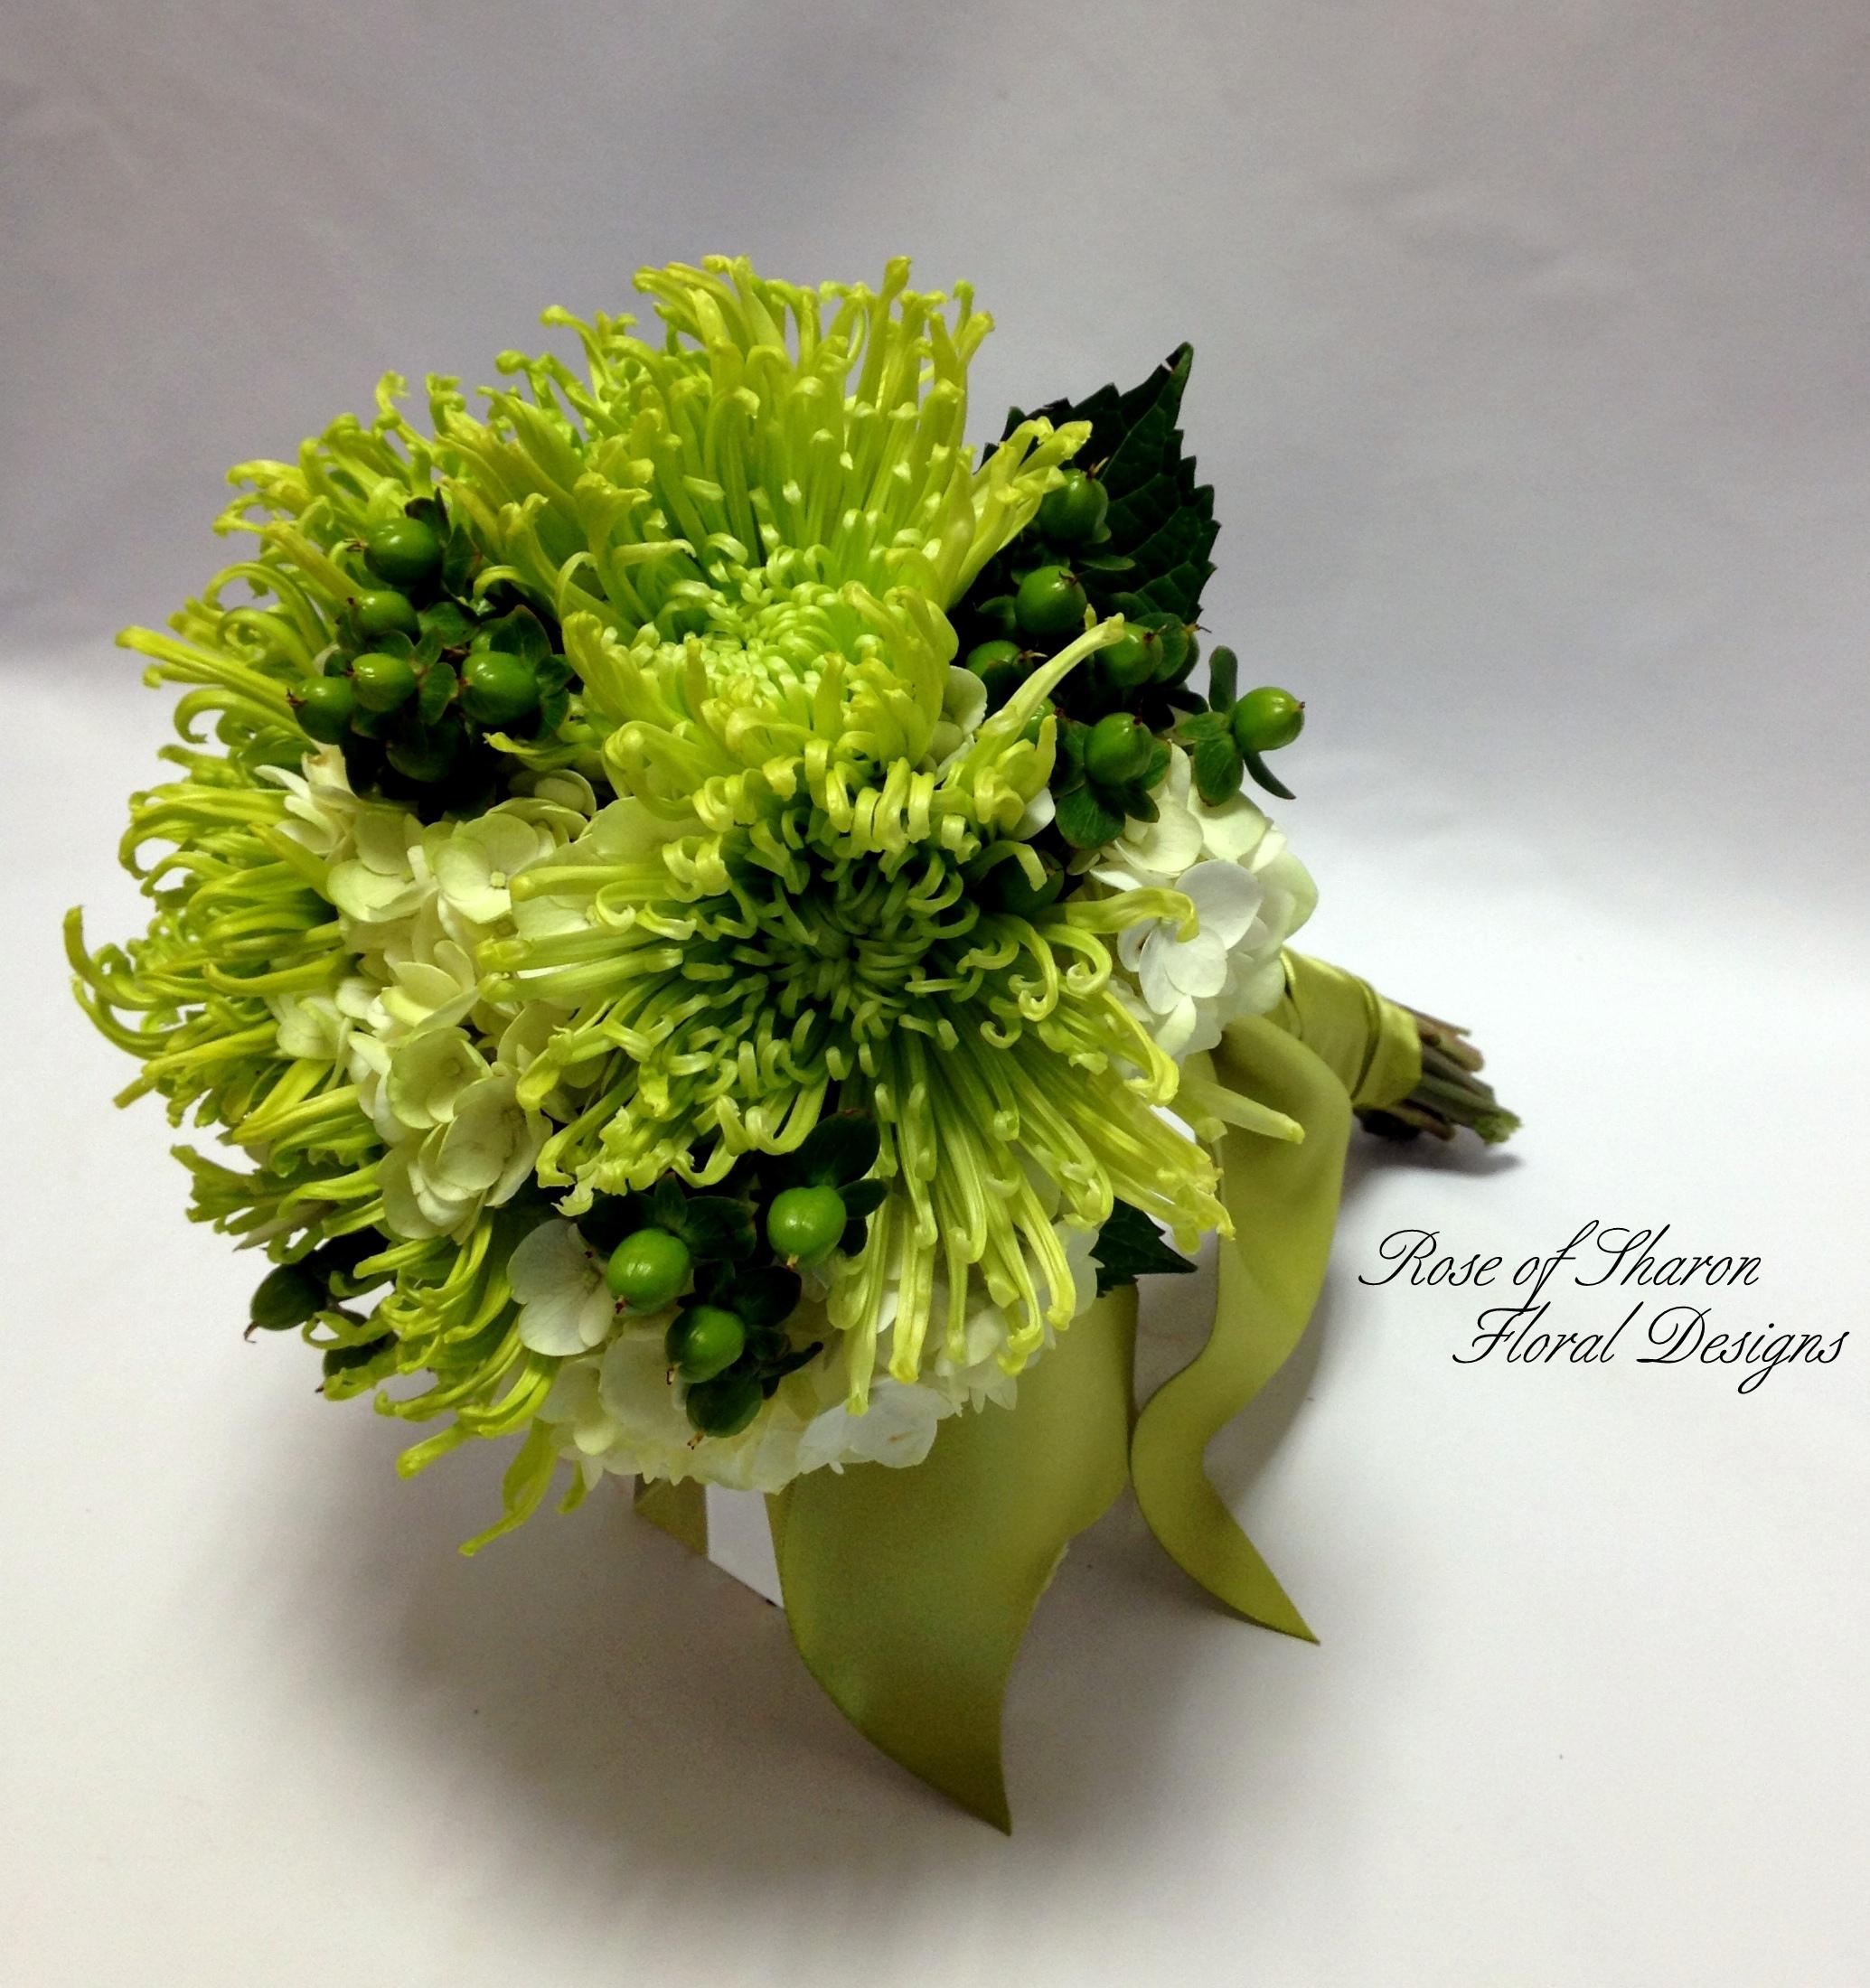 Hand-Tied Bouquet. Spider Mum, Hydrangea & Hypericum Berries. Rose of Sharon Floral Designs